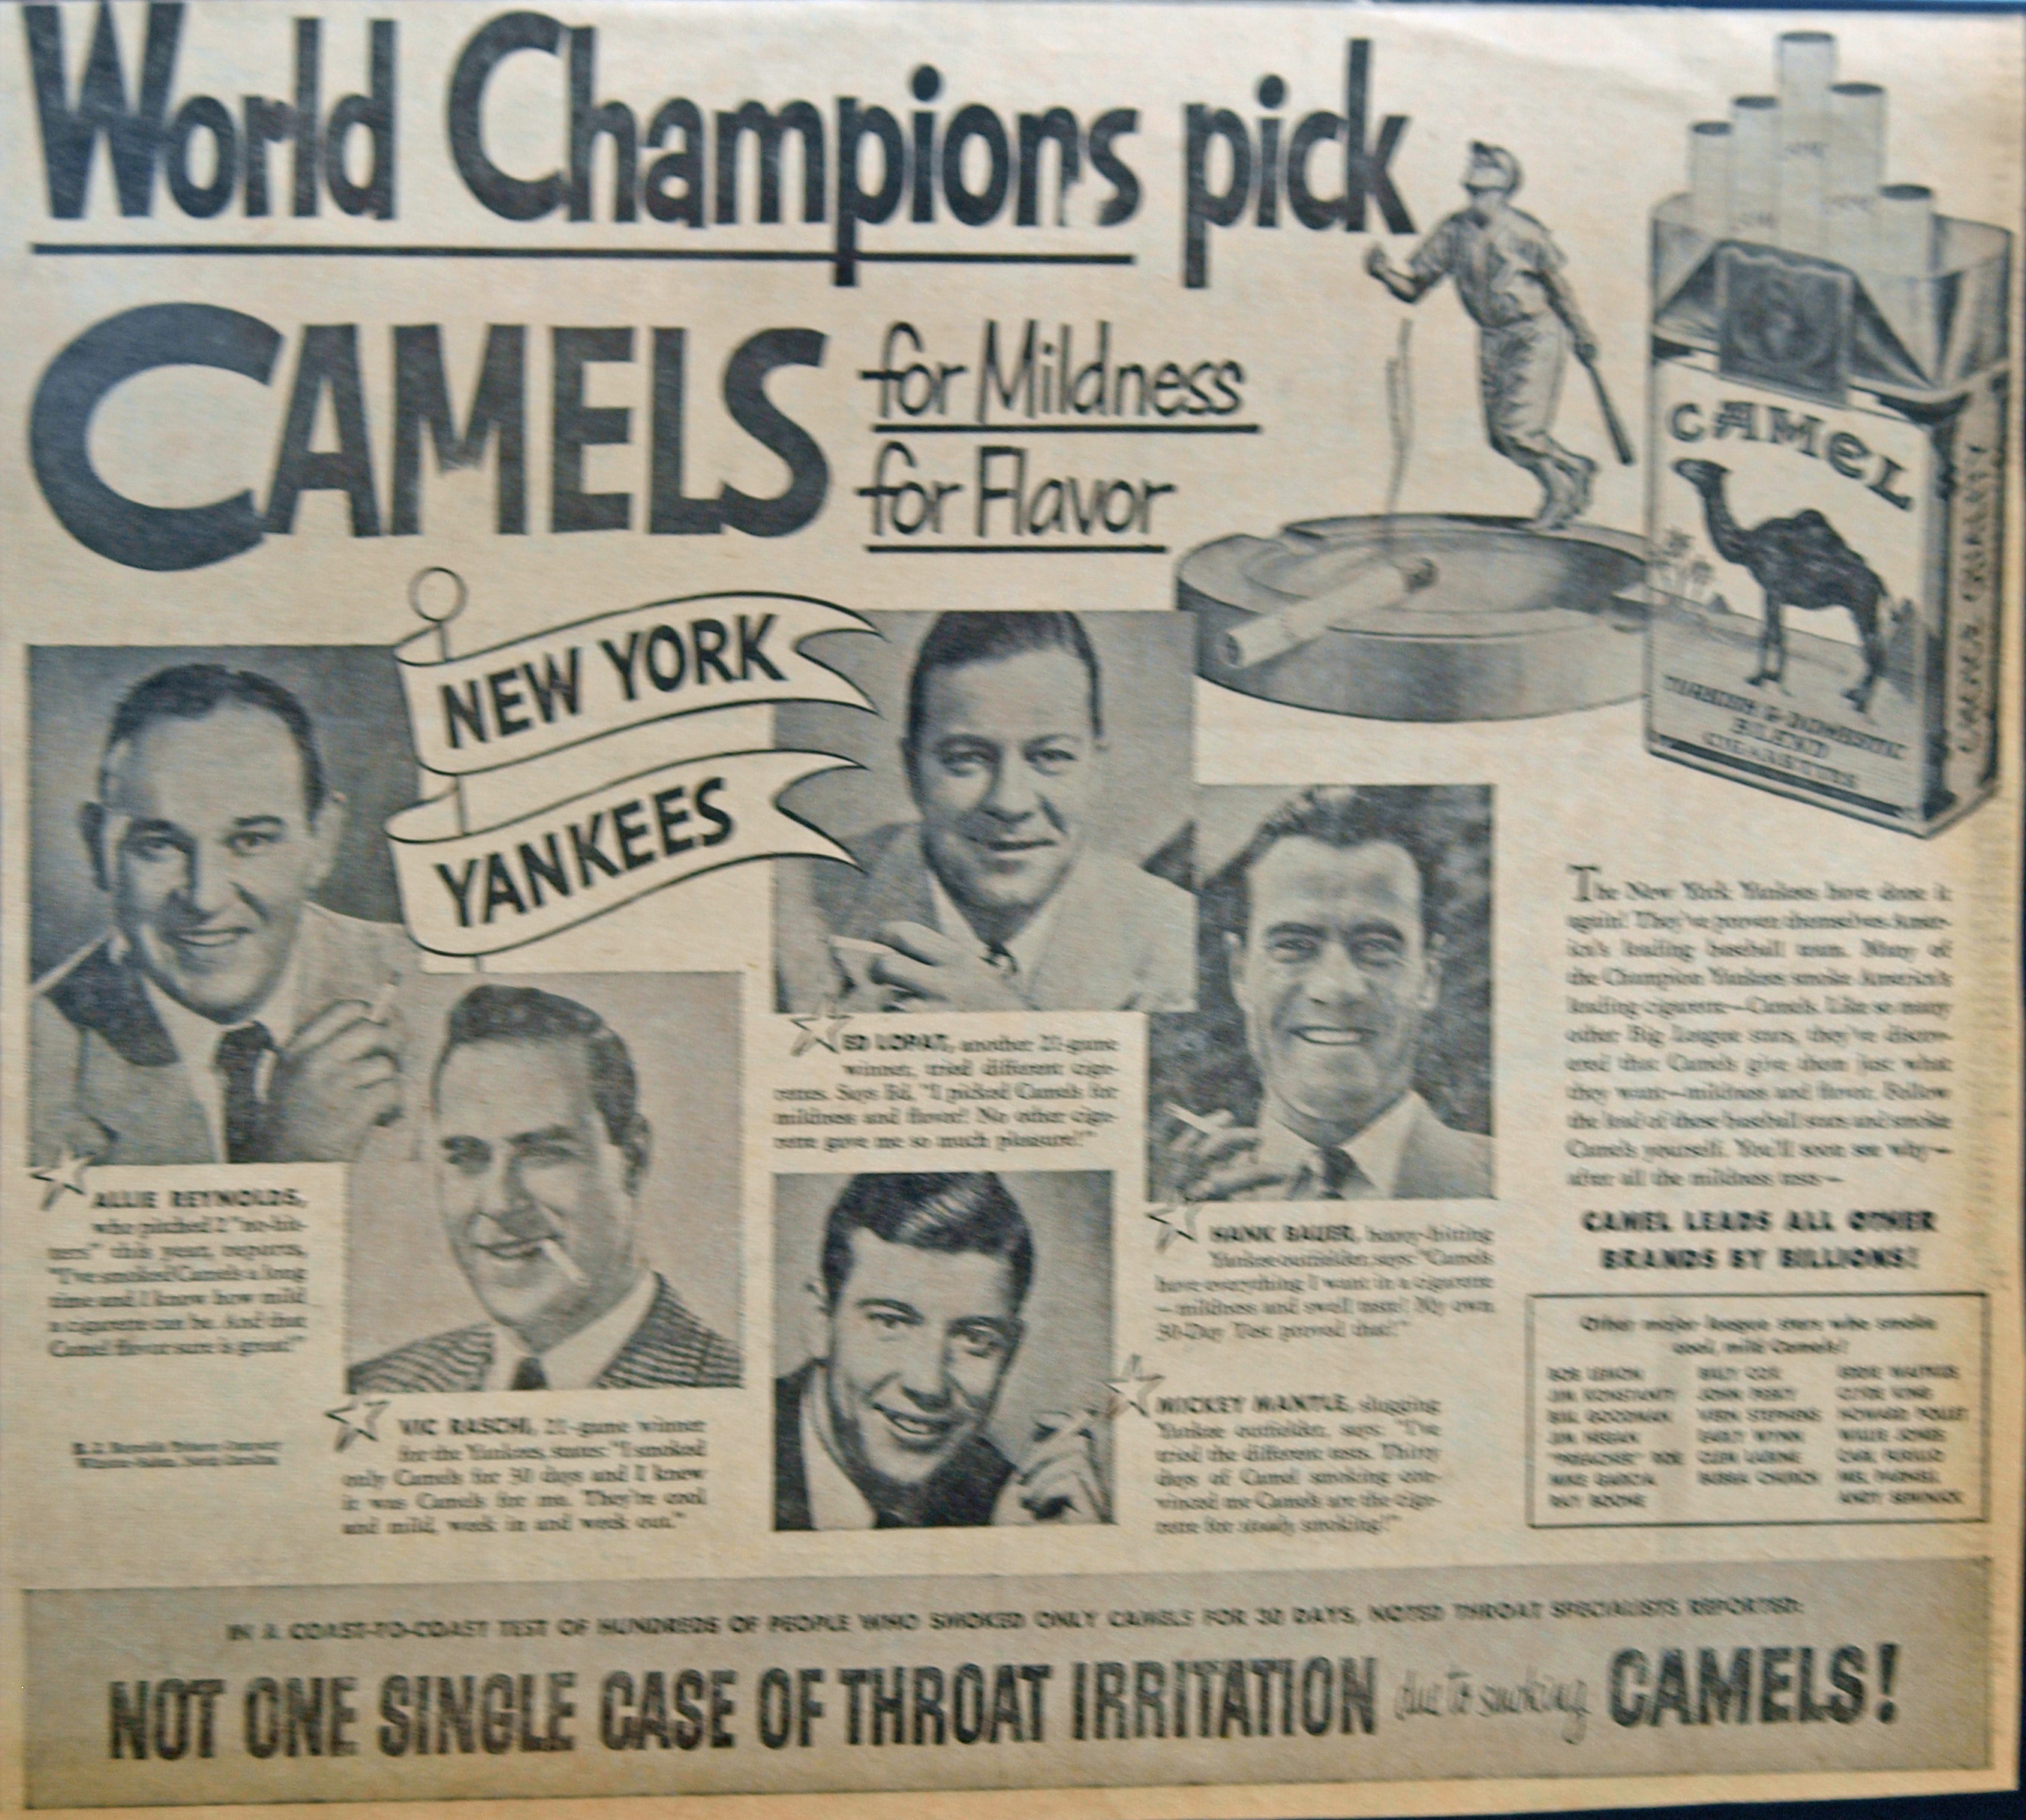 1951 unknown newspaper